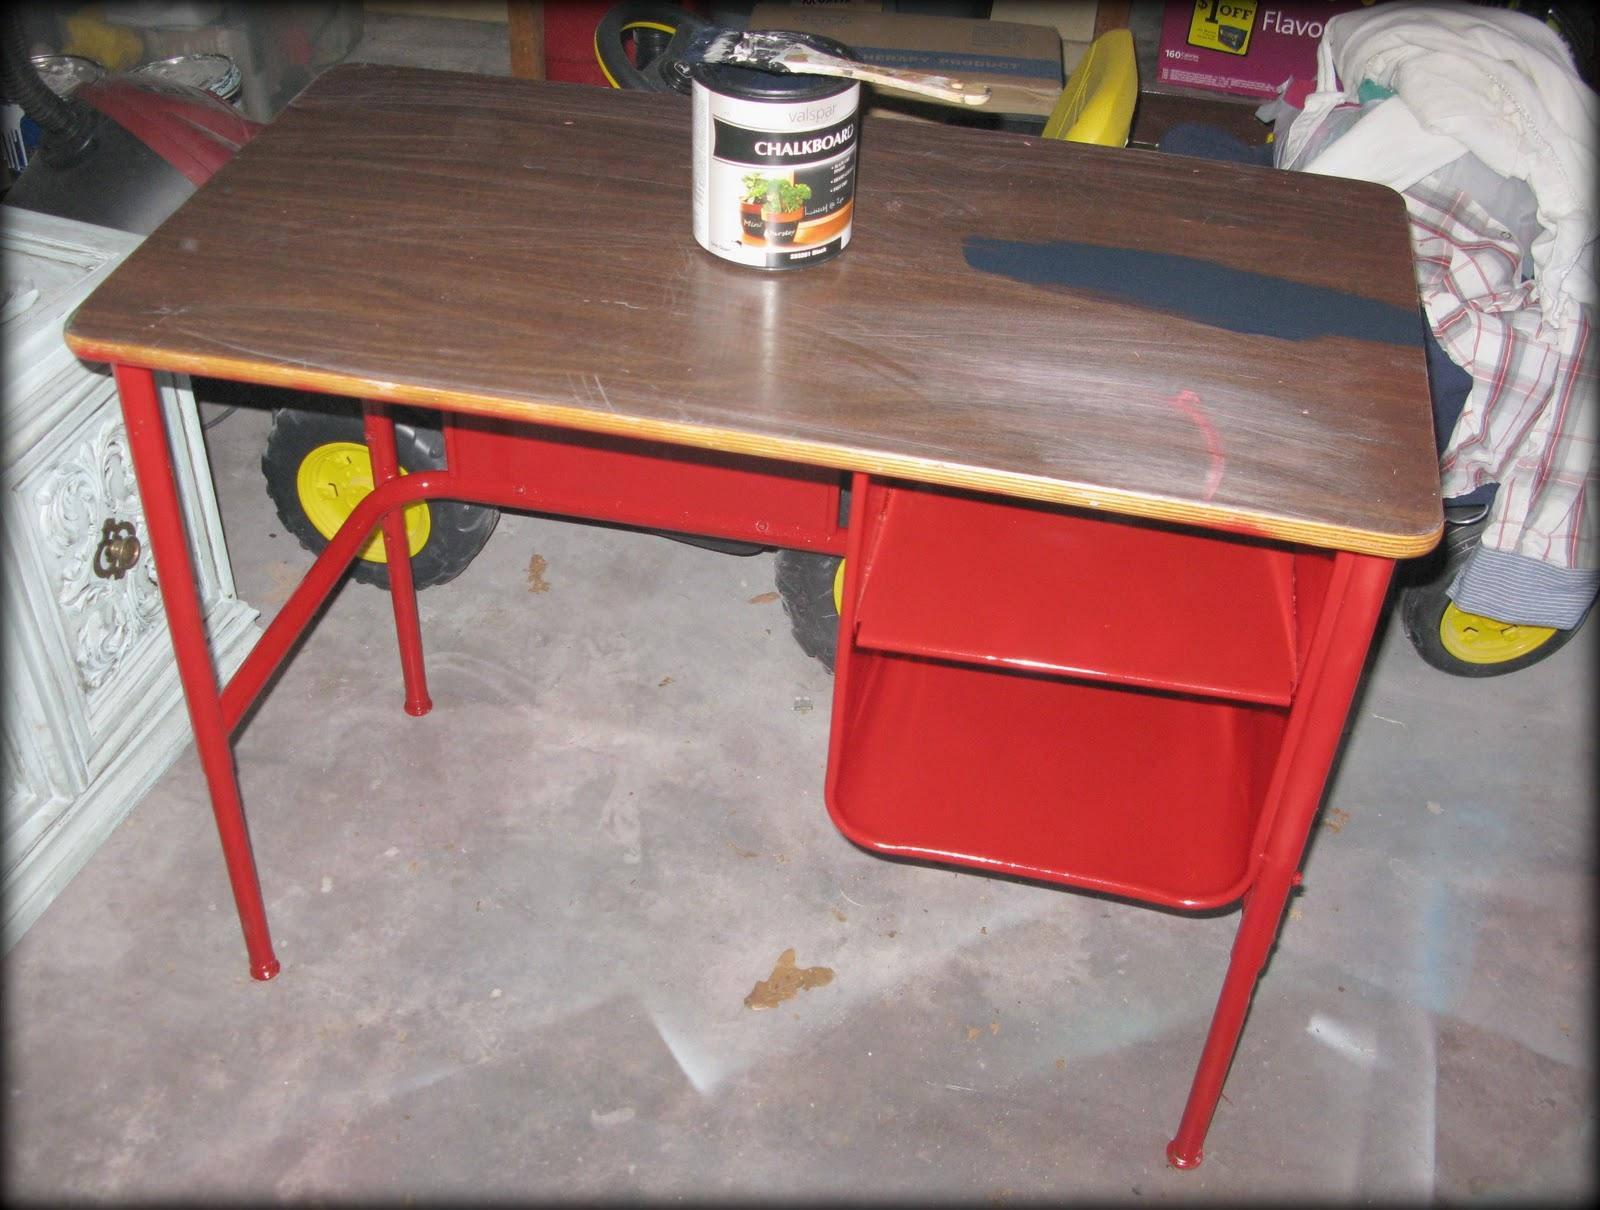 tattered and inked kids art desk makeover. Black Bedroom Furniture Sets. Home Design Ideas